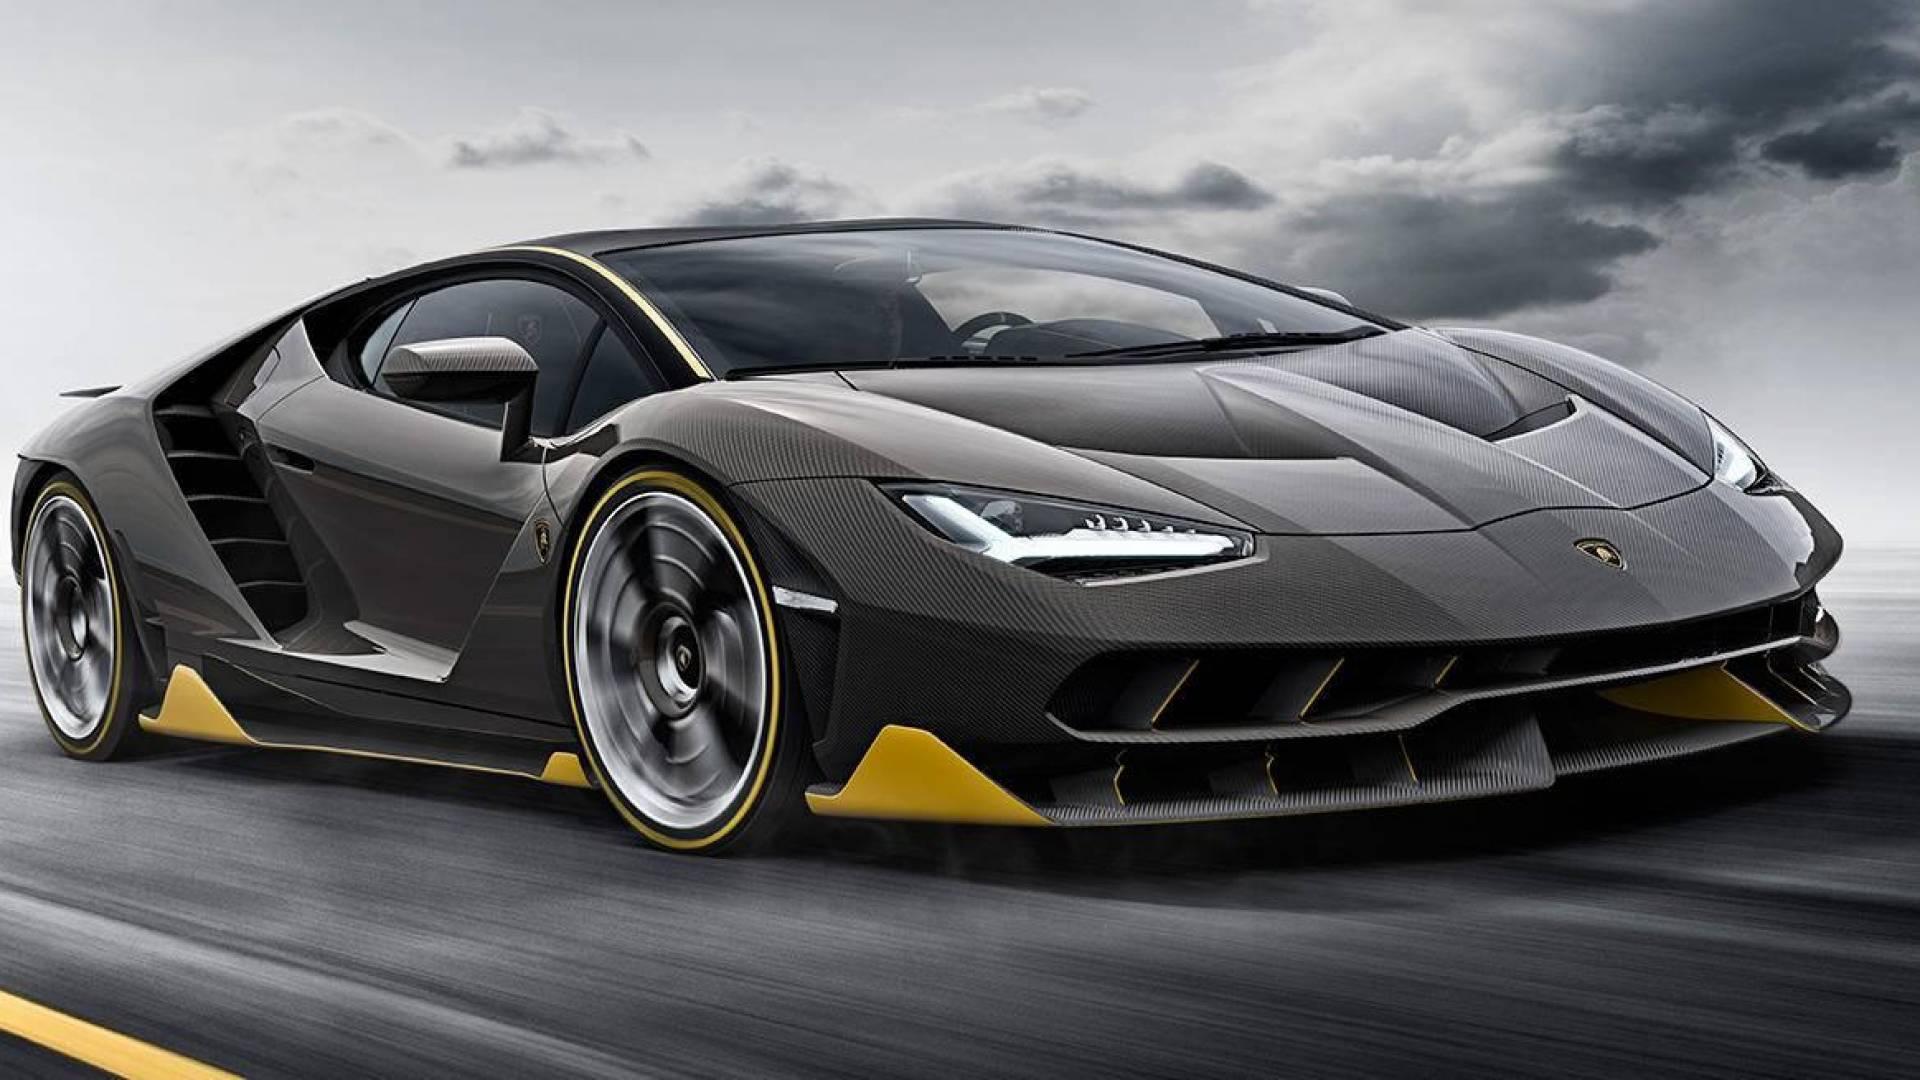 Lamborghini Alquiler venta renting coches de lujo en Ibiza